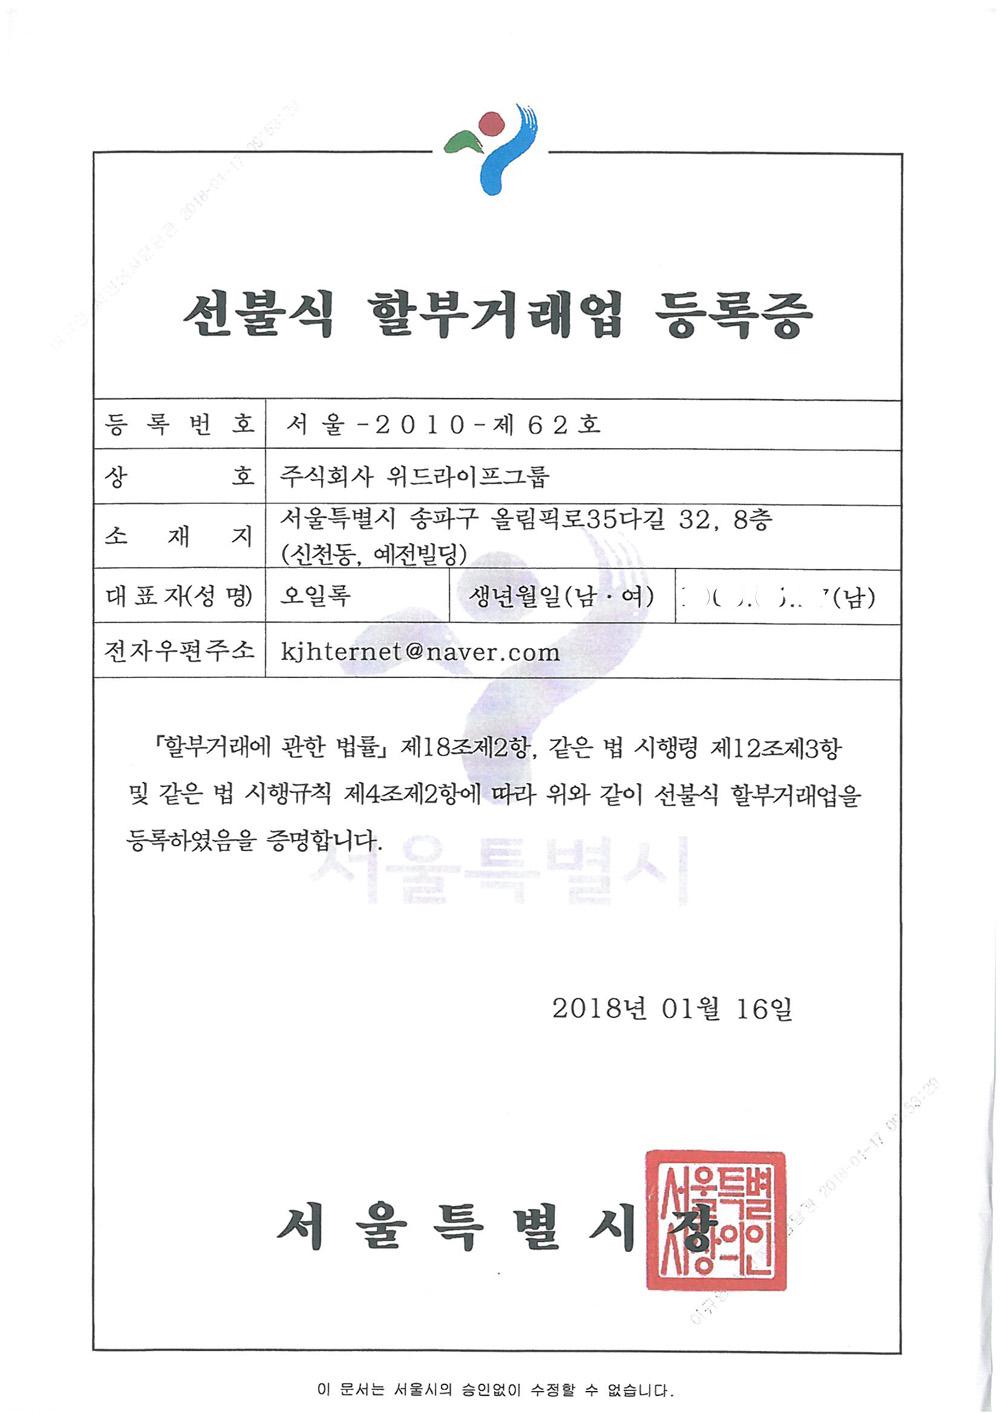 서울시선불식할부거래업변경신고-1 사본.jpg